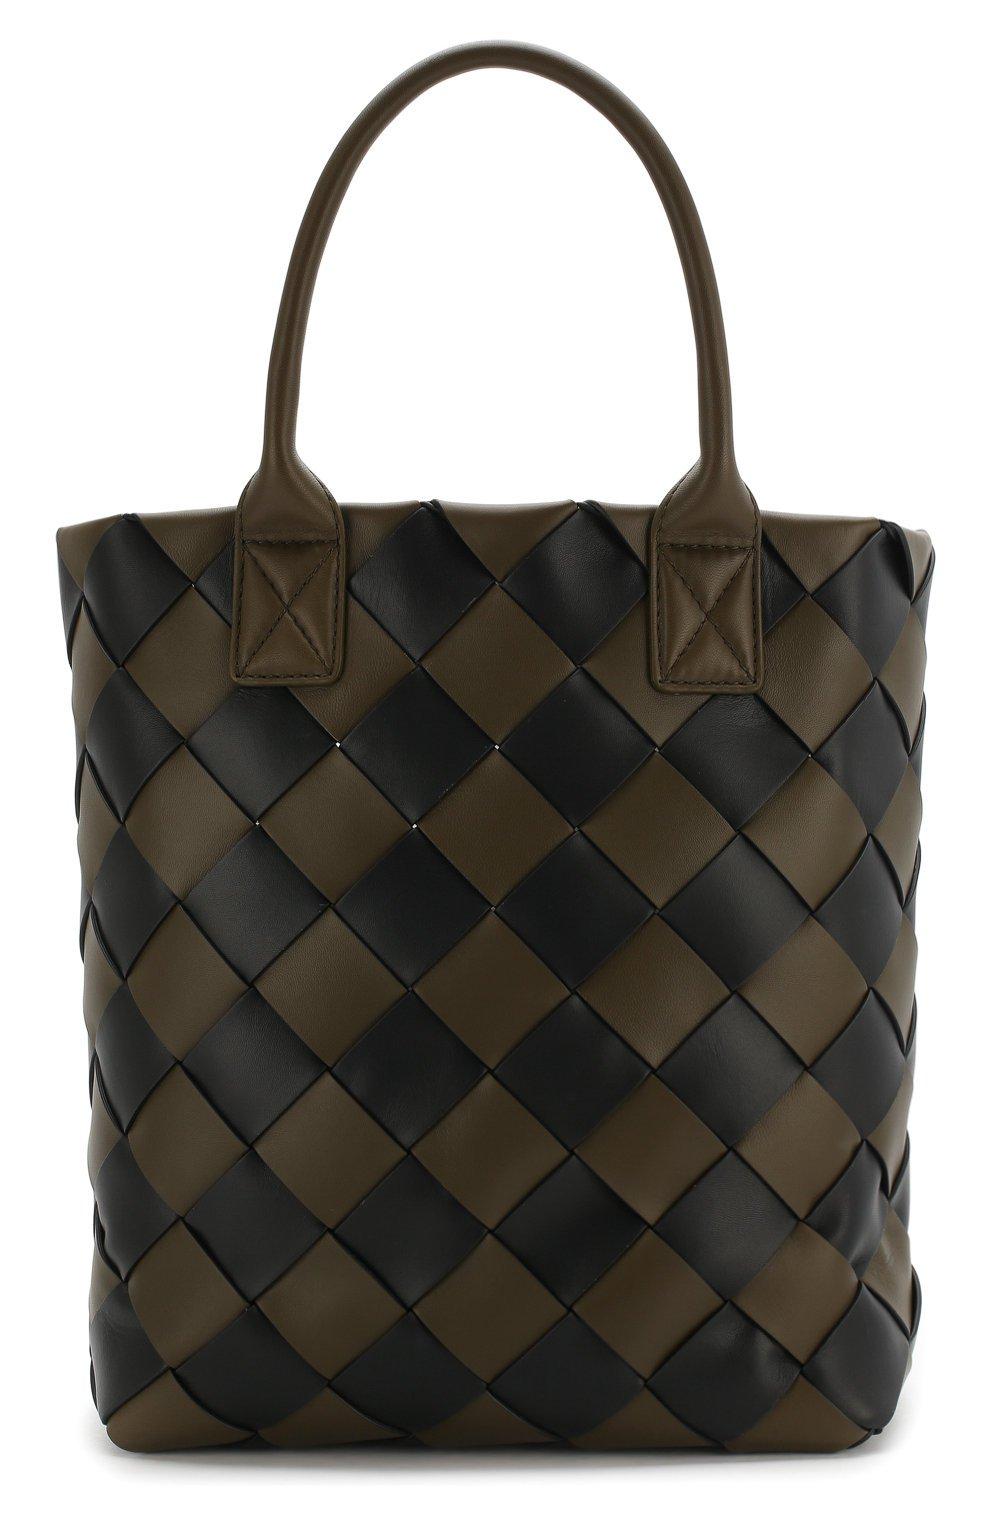 Женская сумка maxi cabat 30 BOTTEGA VENETA зеленая цвета — купить за 262000 руб. в интернет-магазине ЦУМ, арт. 570800/VMAA0